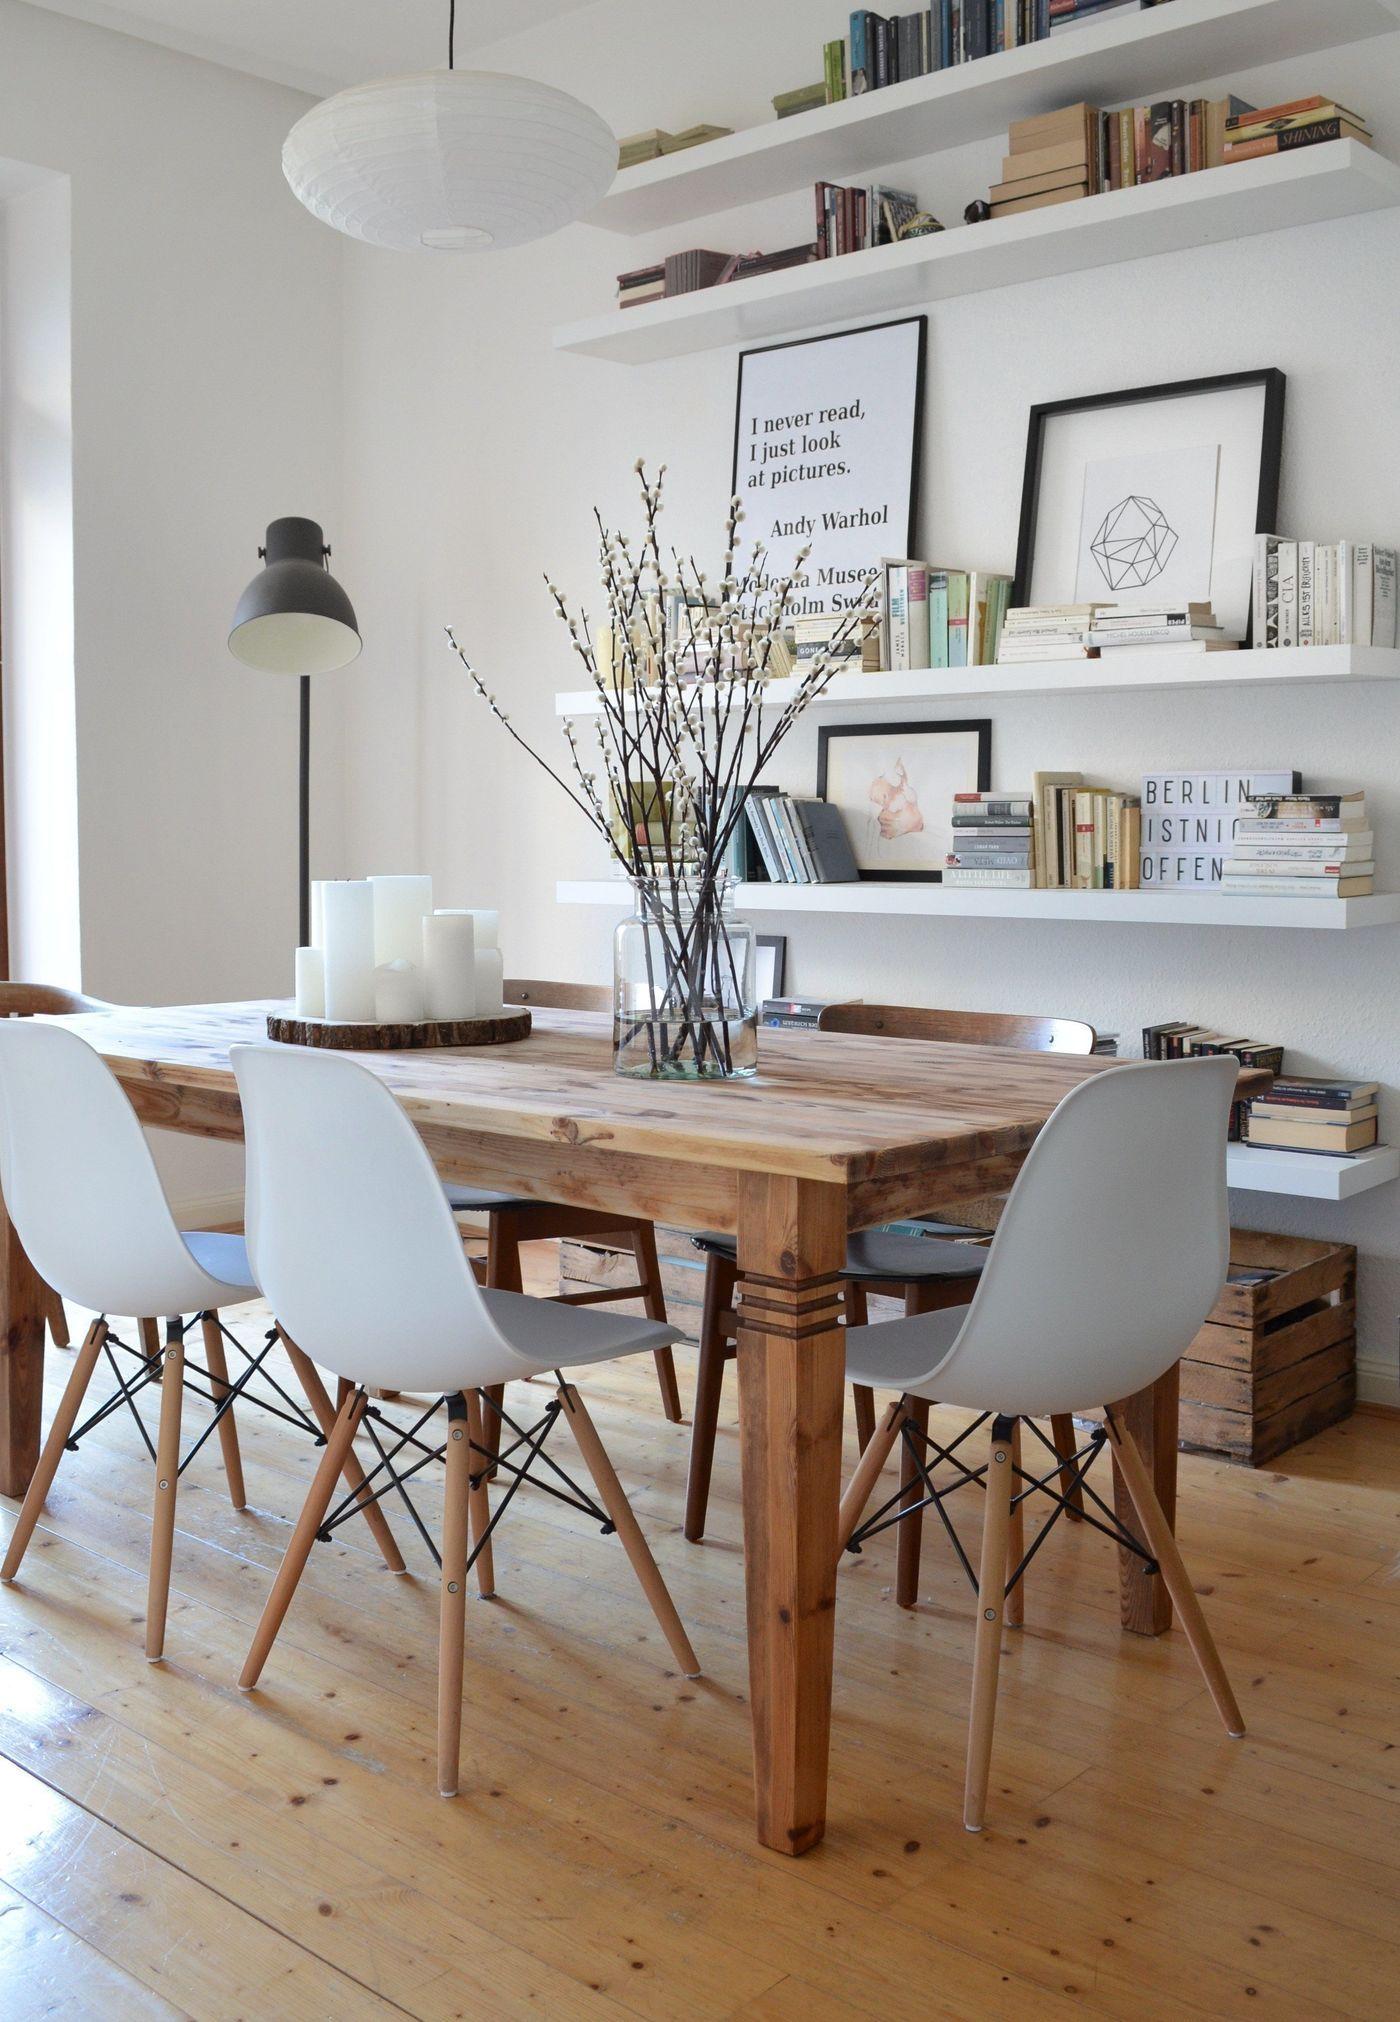 Full Size of Ikea Küche Kosten Kaufen Sofa Mit Schlaffunktion Miniküche Betten 160x200 Bei Modulküche Stehlampen Wohnzimmer Wohnzimmer Ikea Stehlampen